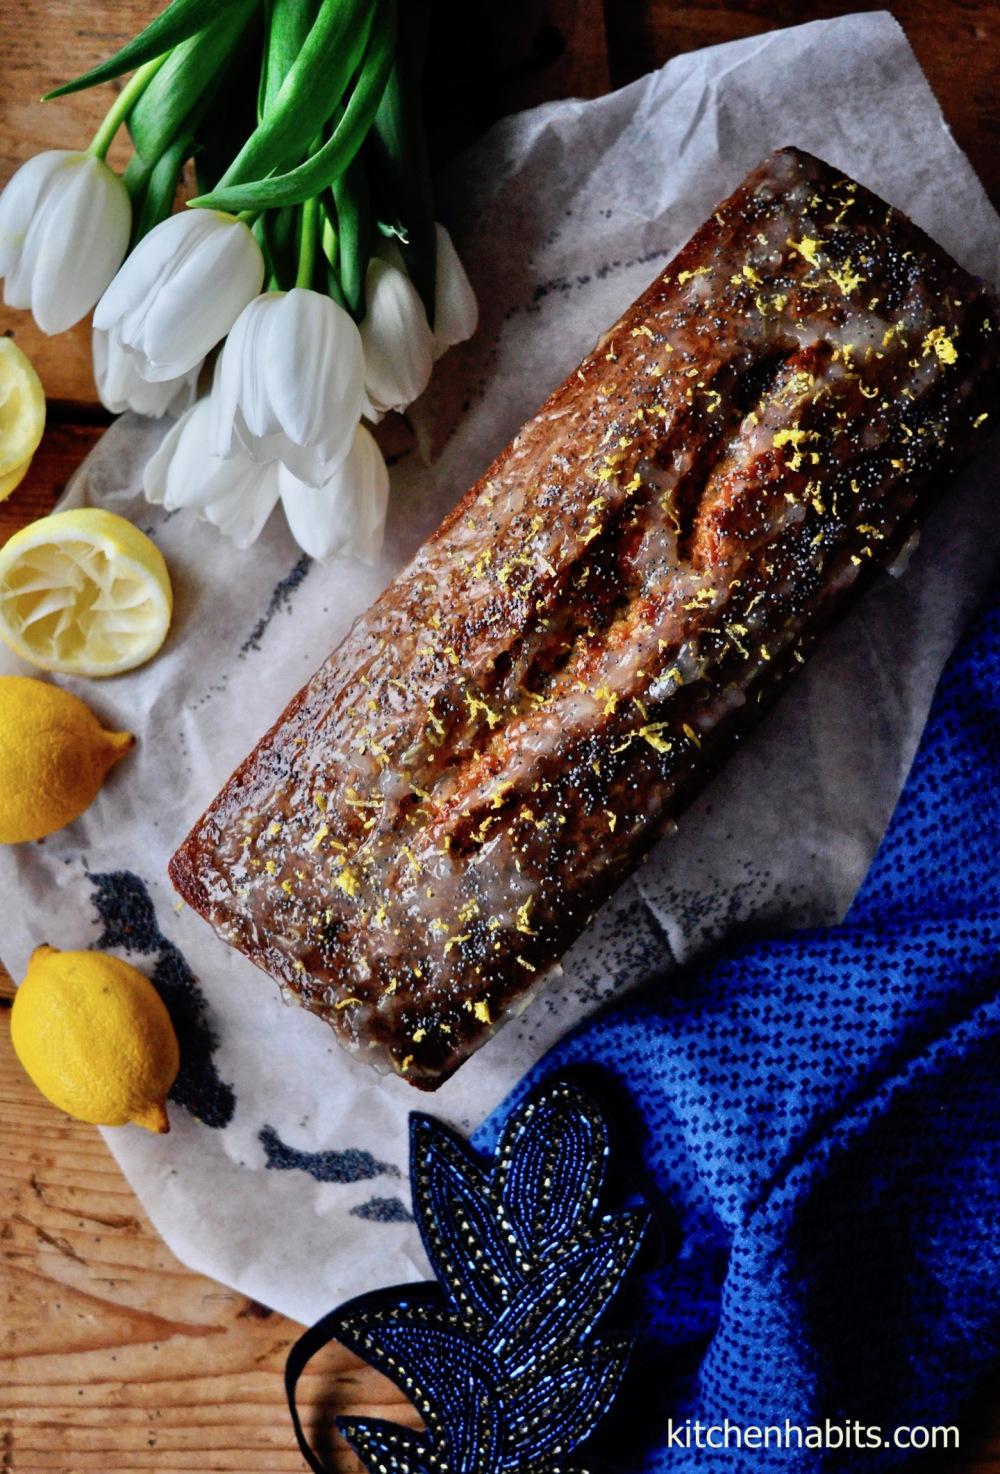 Κέικ λεμονιού με παπαρουνόσπορο – Lemon cake with poppy seeds